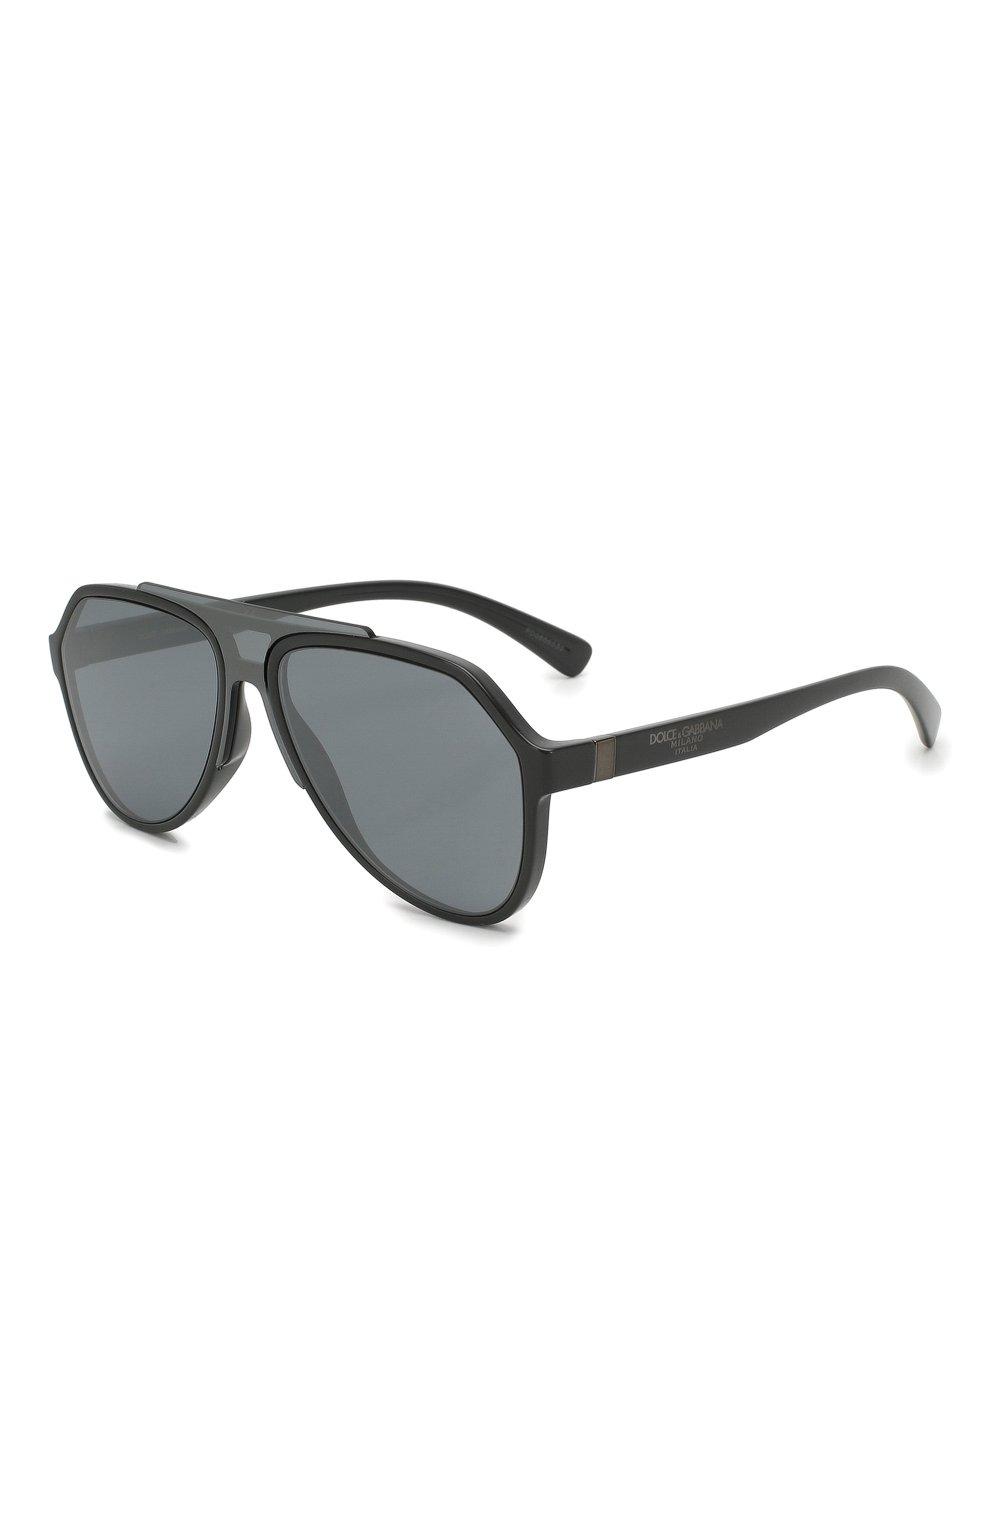 Женские солнцезащитные очки DOLCE & GABBANA серого цвета, арт. 6128-31016G | Фото 1